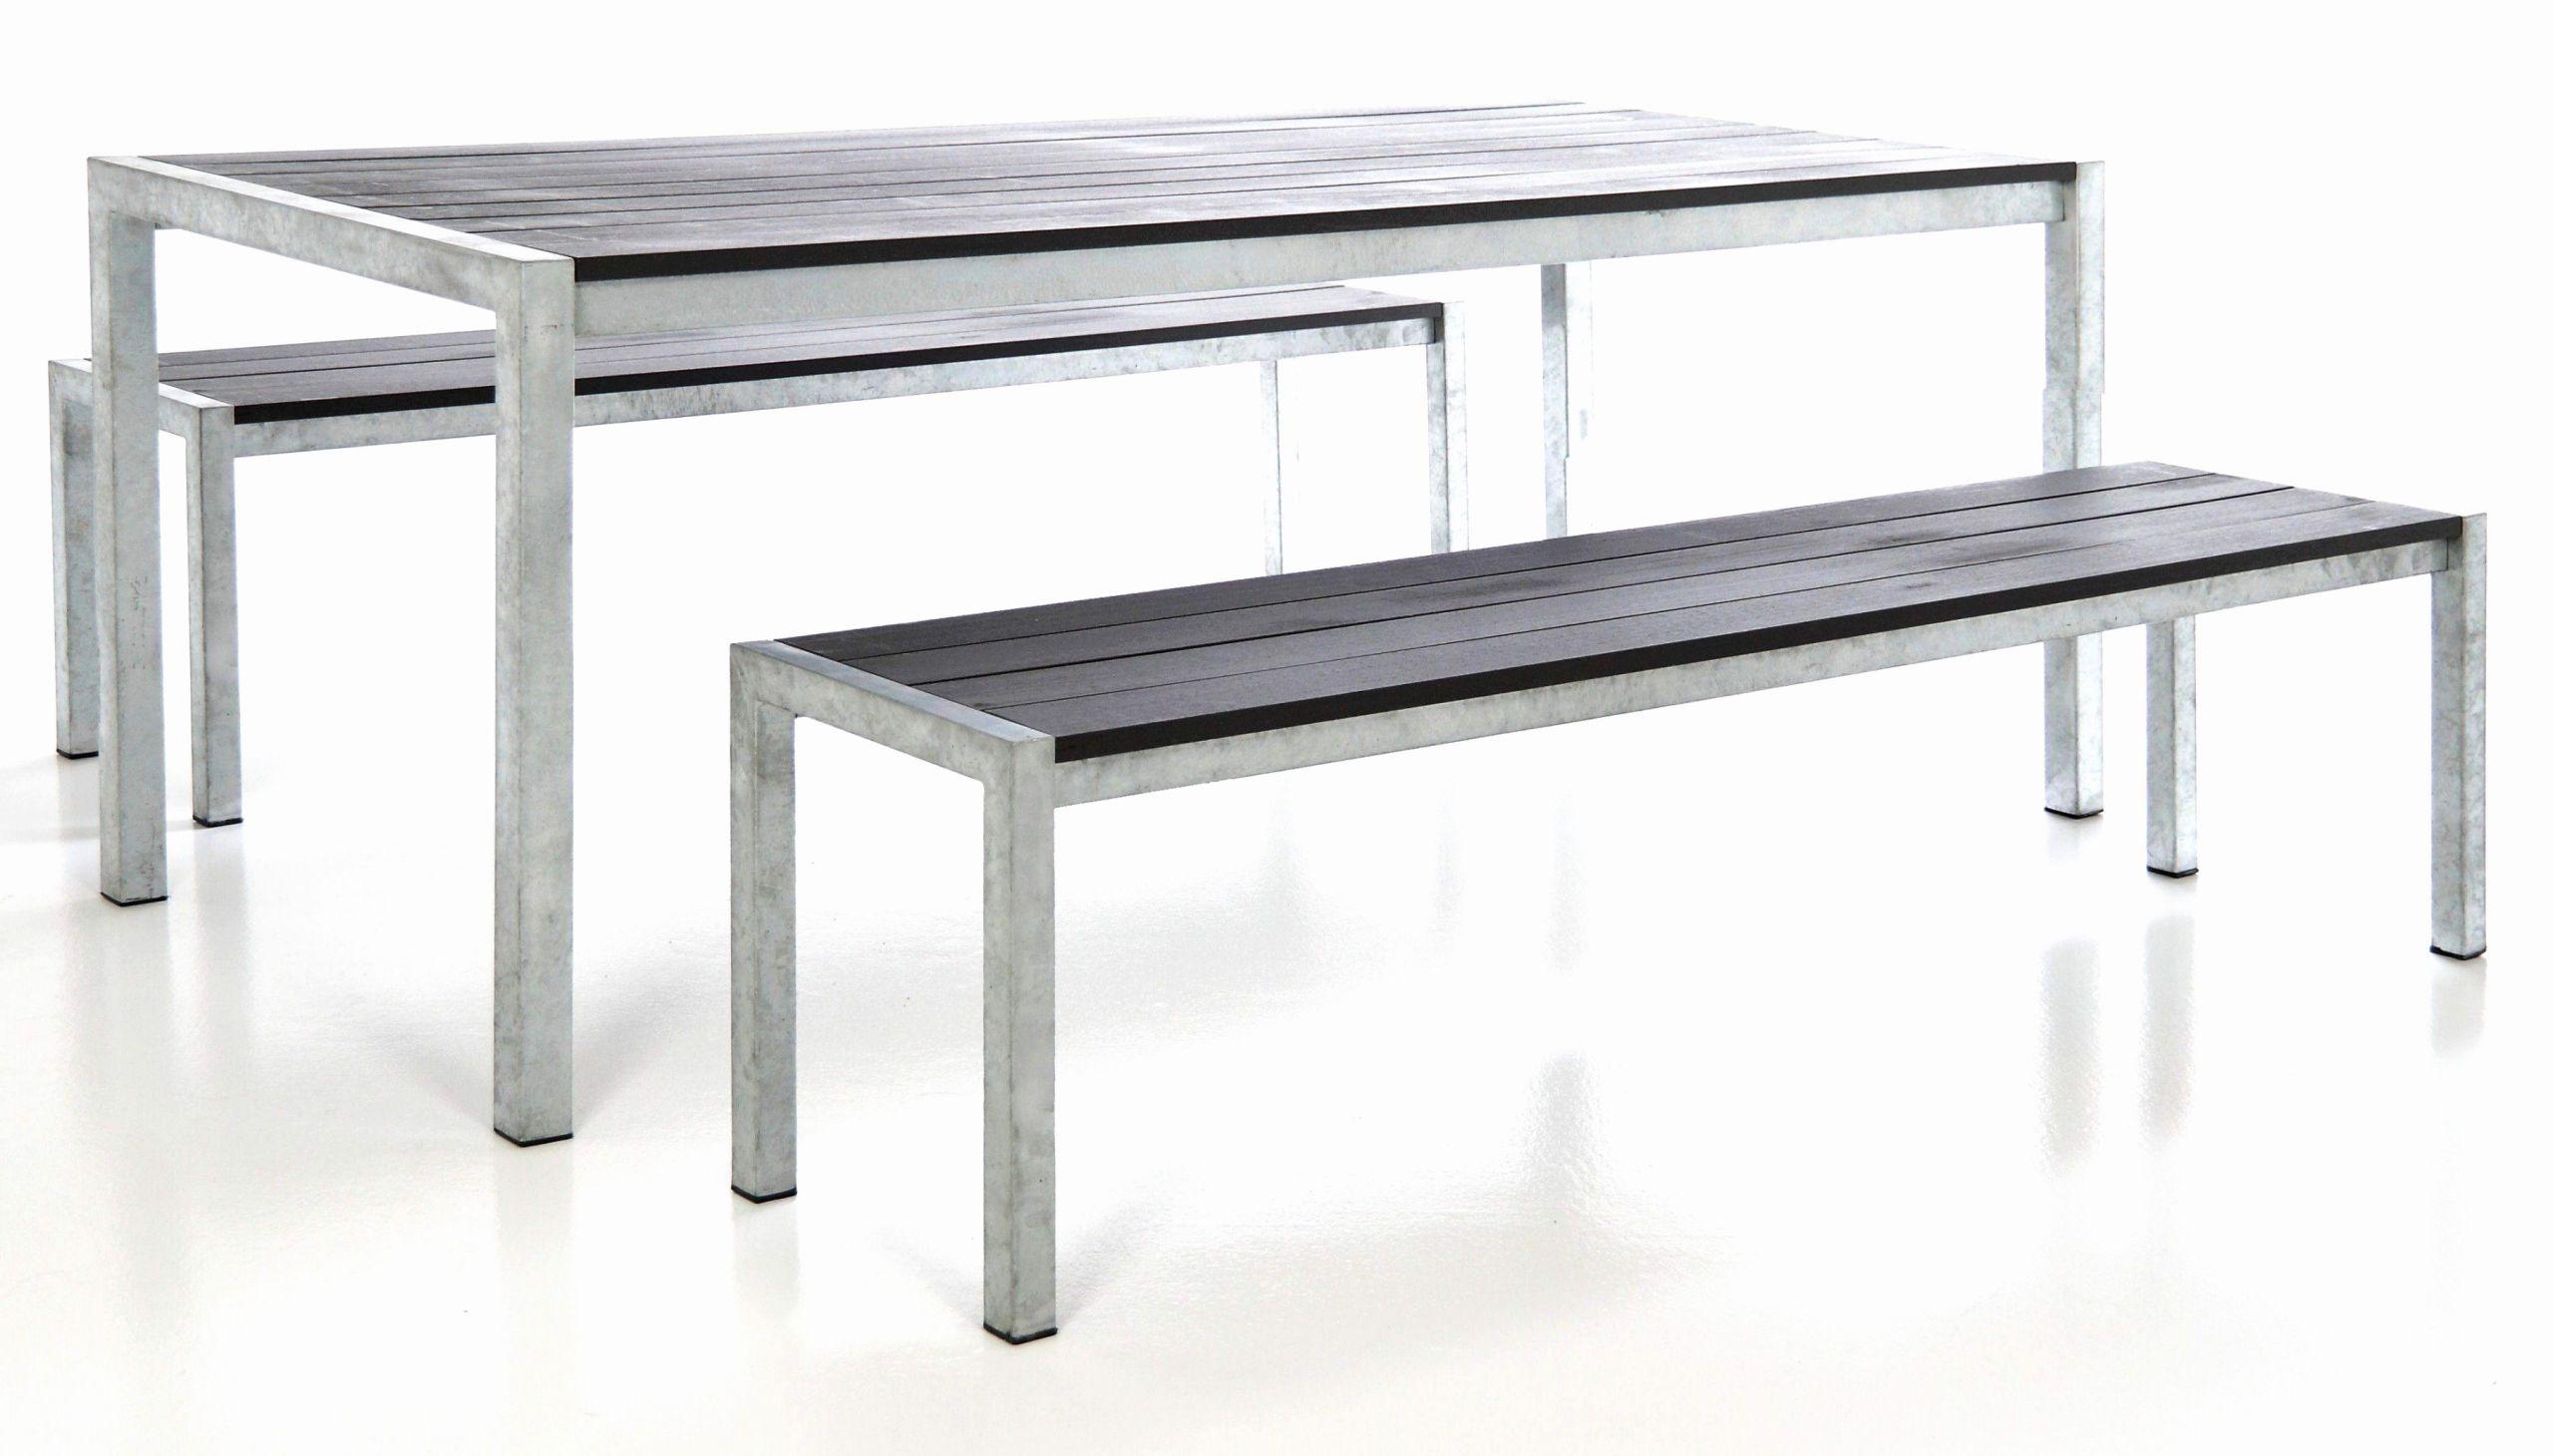 banc pliable leroy merlin nouveau beau table banc jardin ou table bois brut elegant table bois 0d of banc pliable leroy merlin